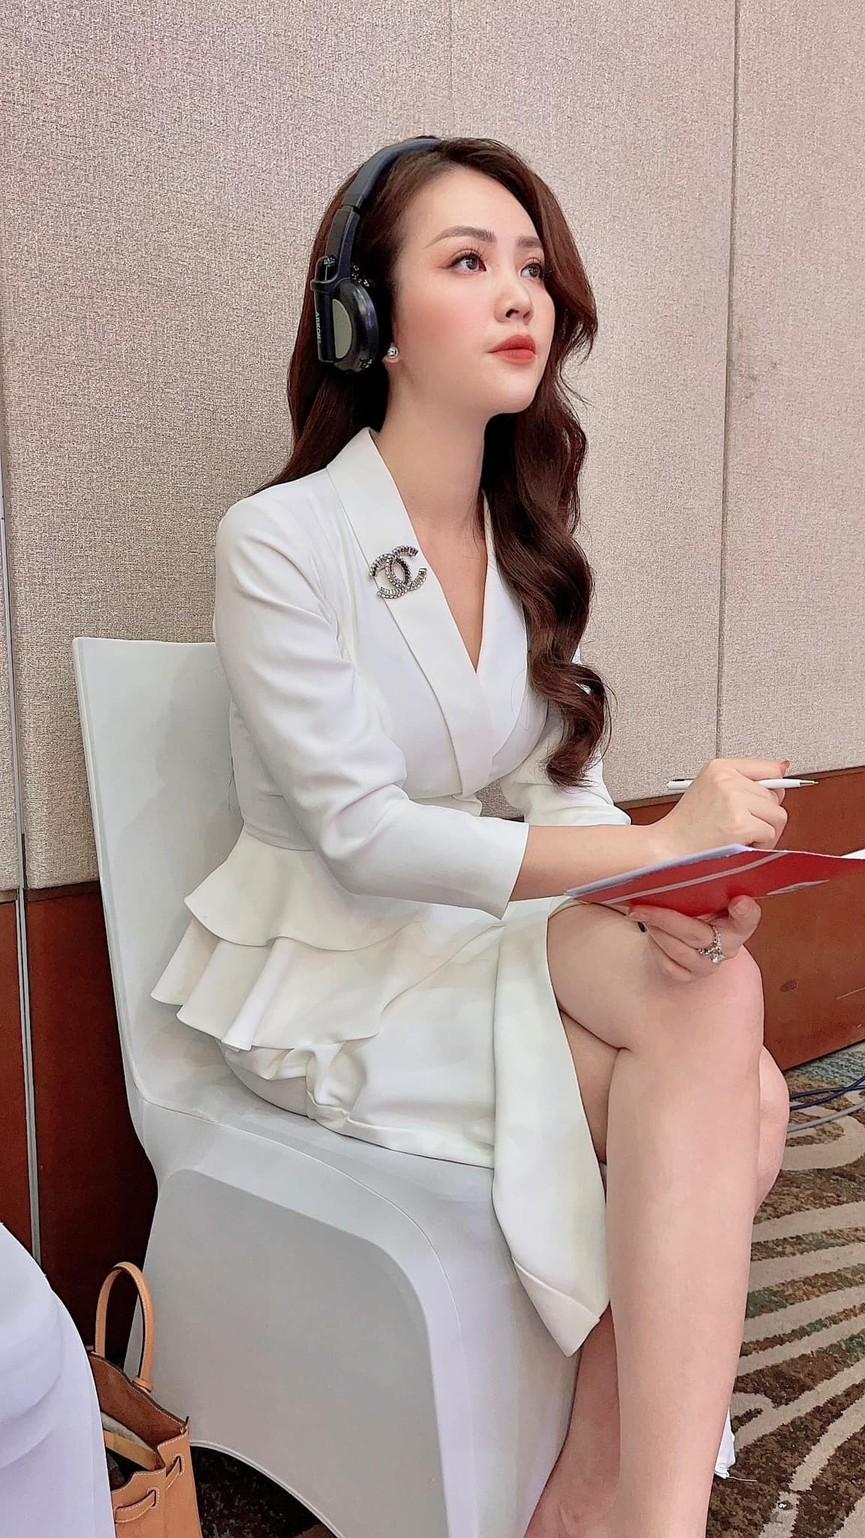 Mai Phương Thuý mặc quần tua rua lạ mắt, Á hậu Phương Nga khoe vai trần gợi cảm - ảnh 7